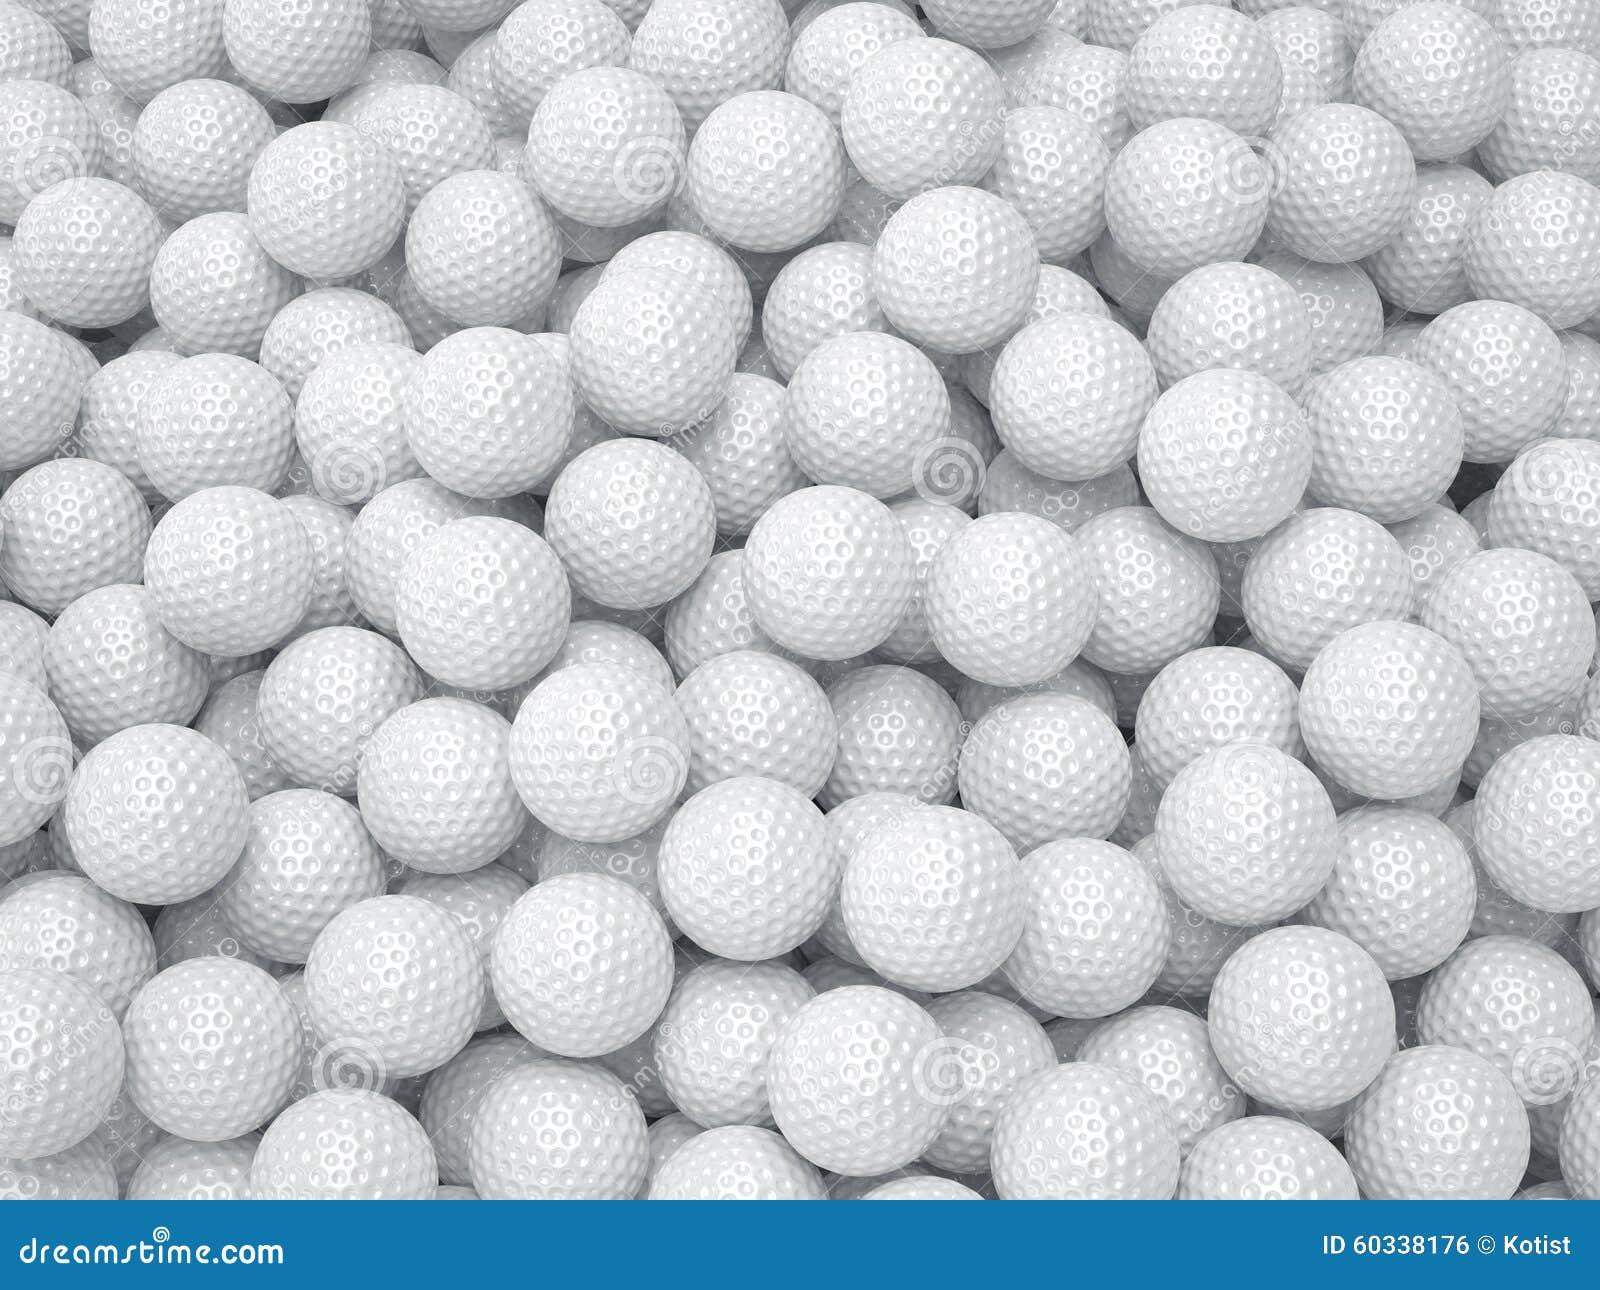 Golf Ball Texture Wallpaper